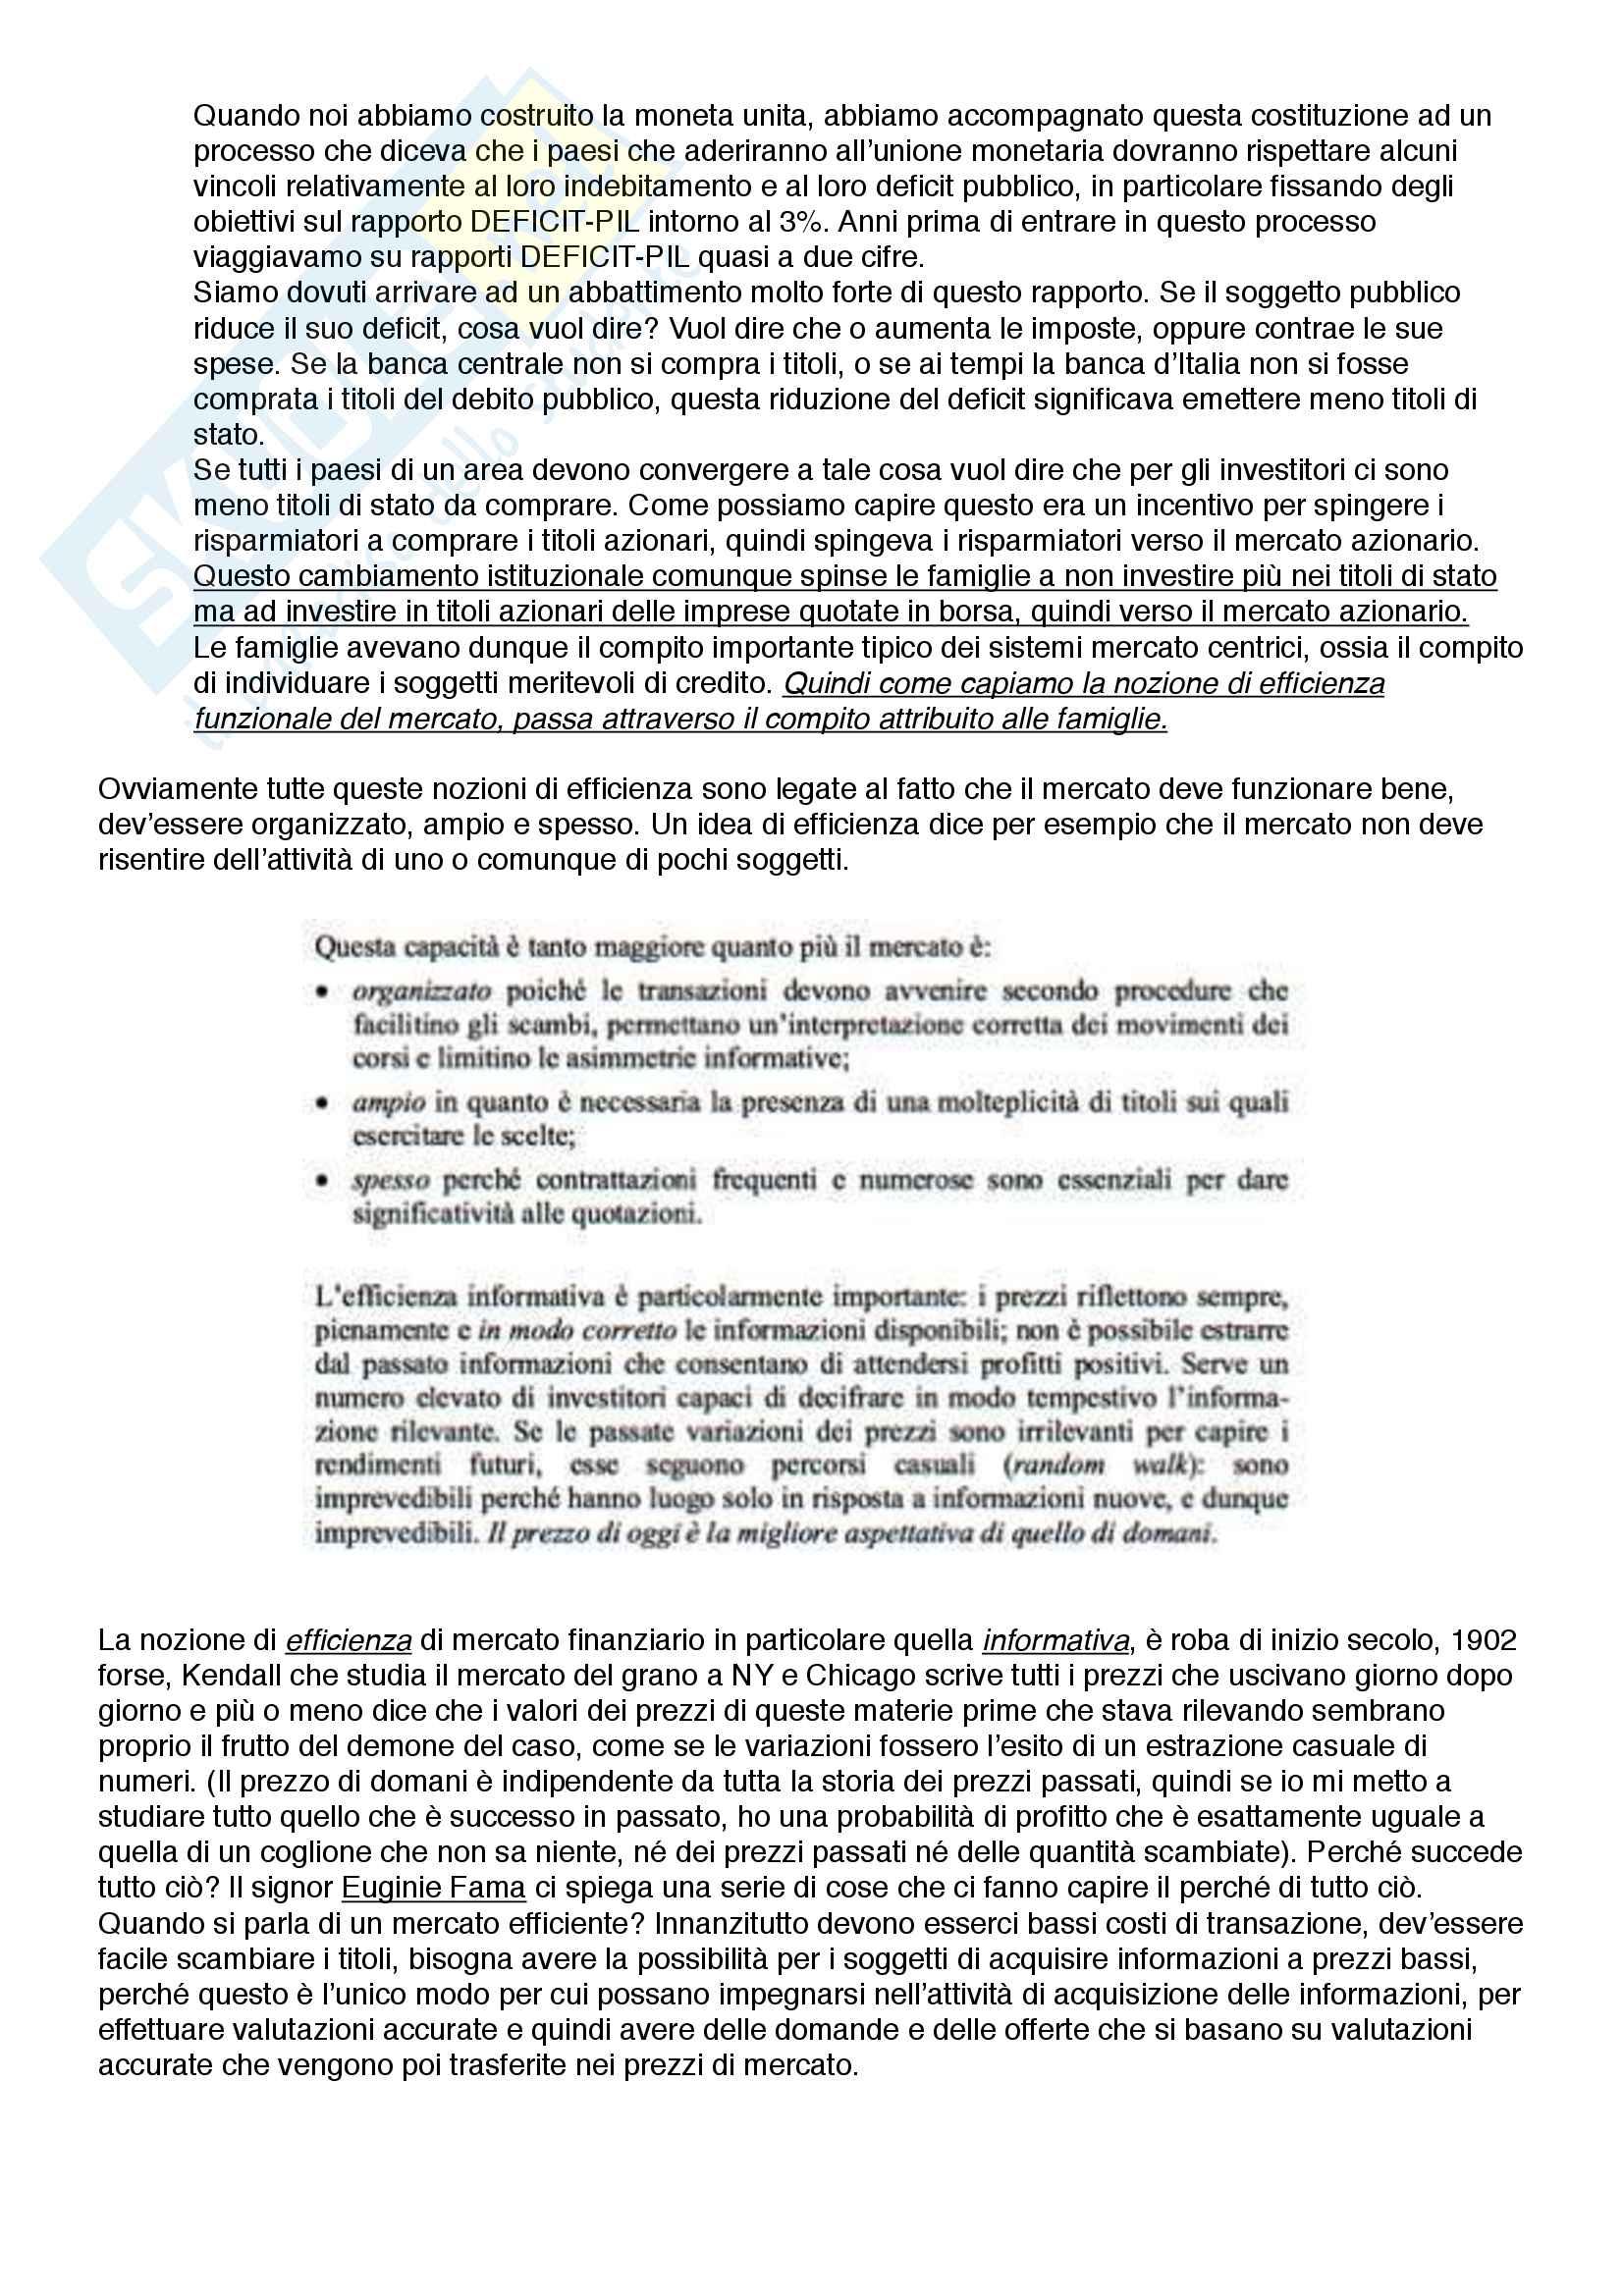 Riassunto Politica Monetaria - Ciccarone Pag. 36